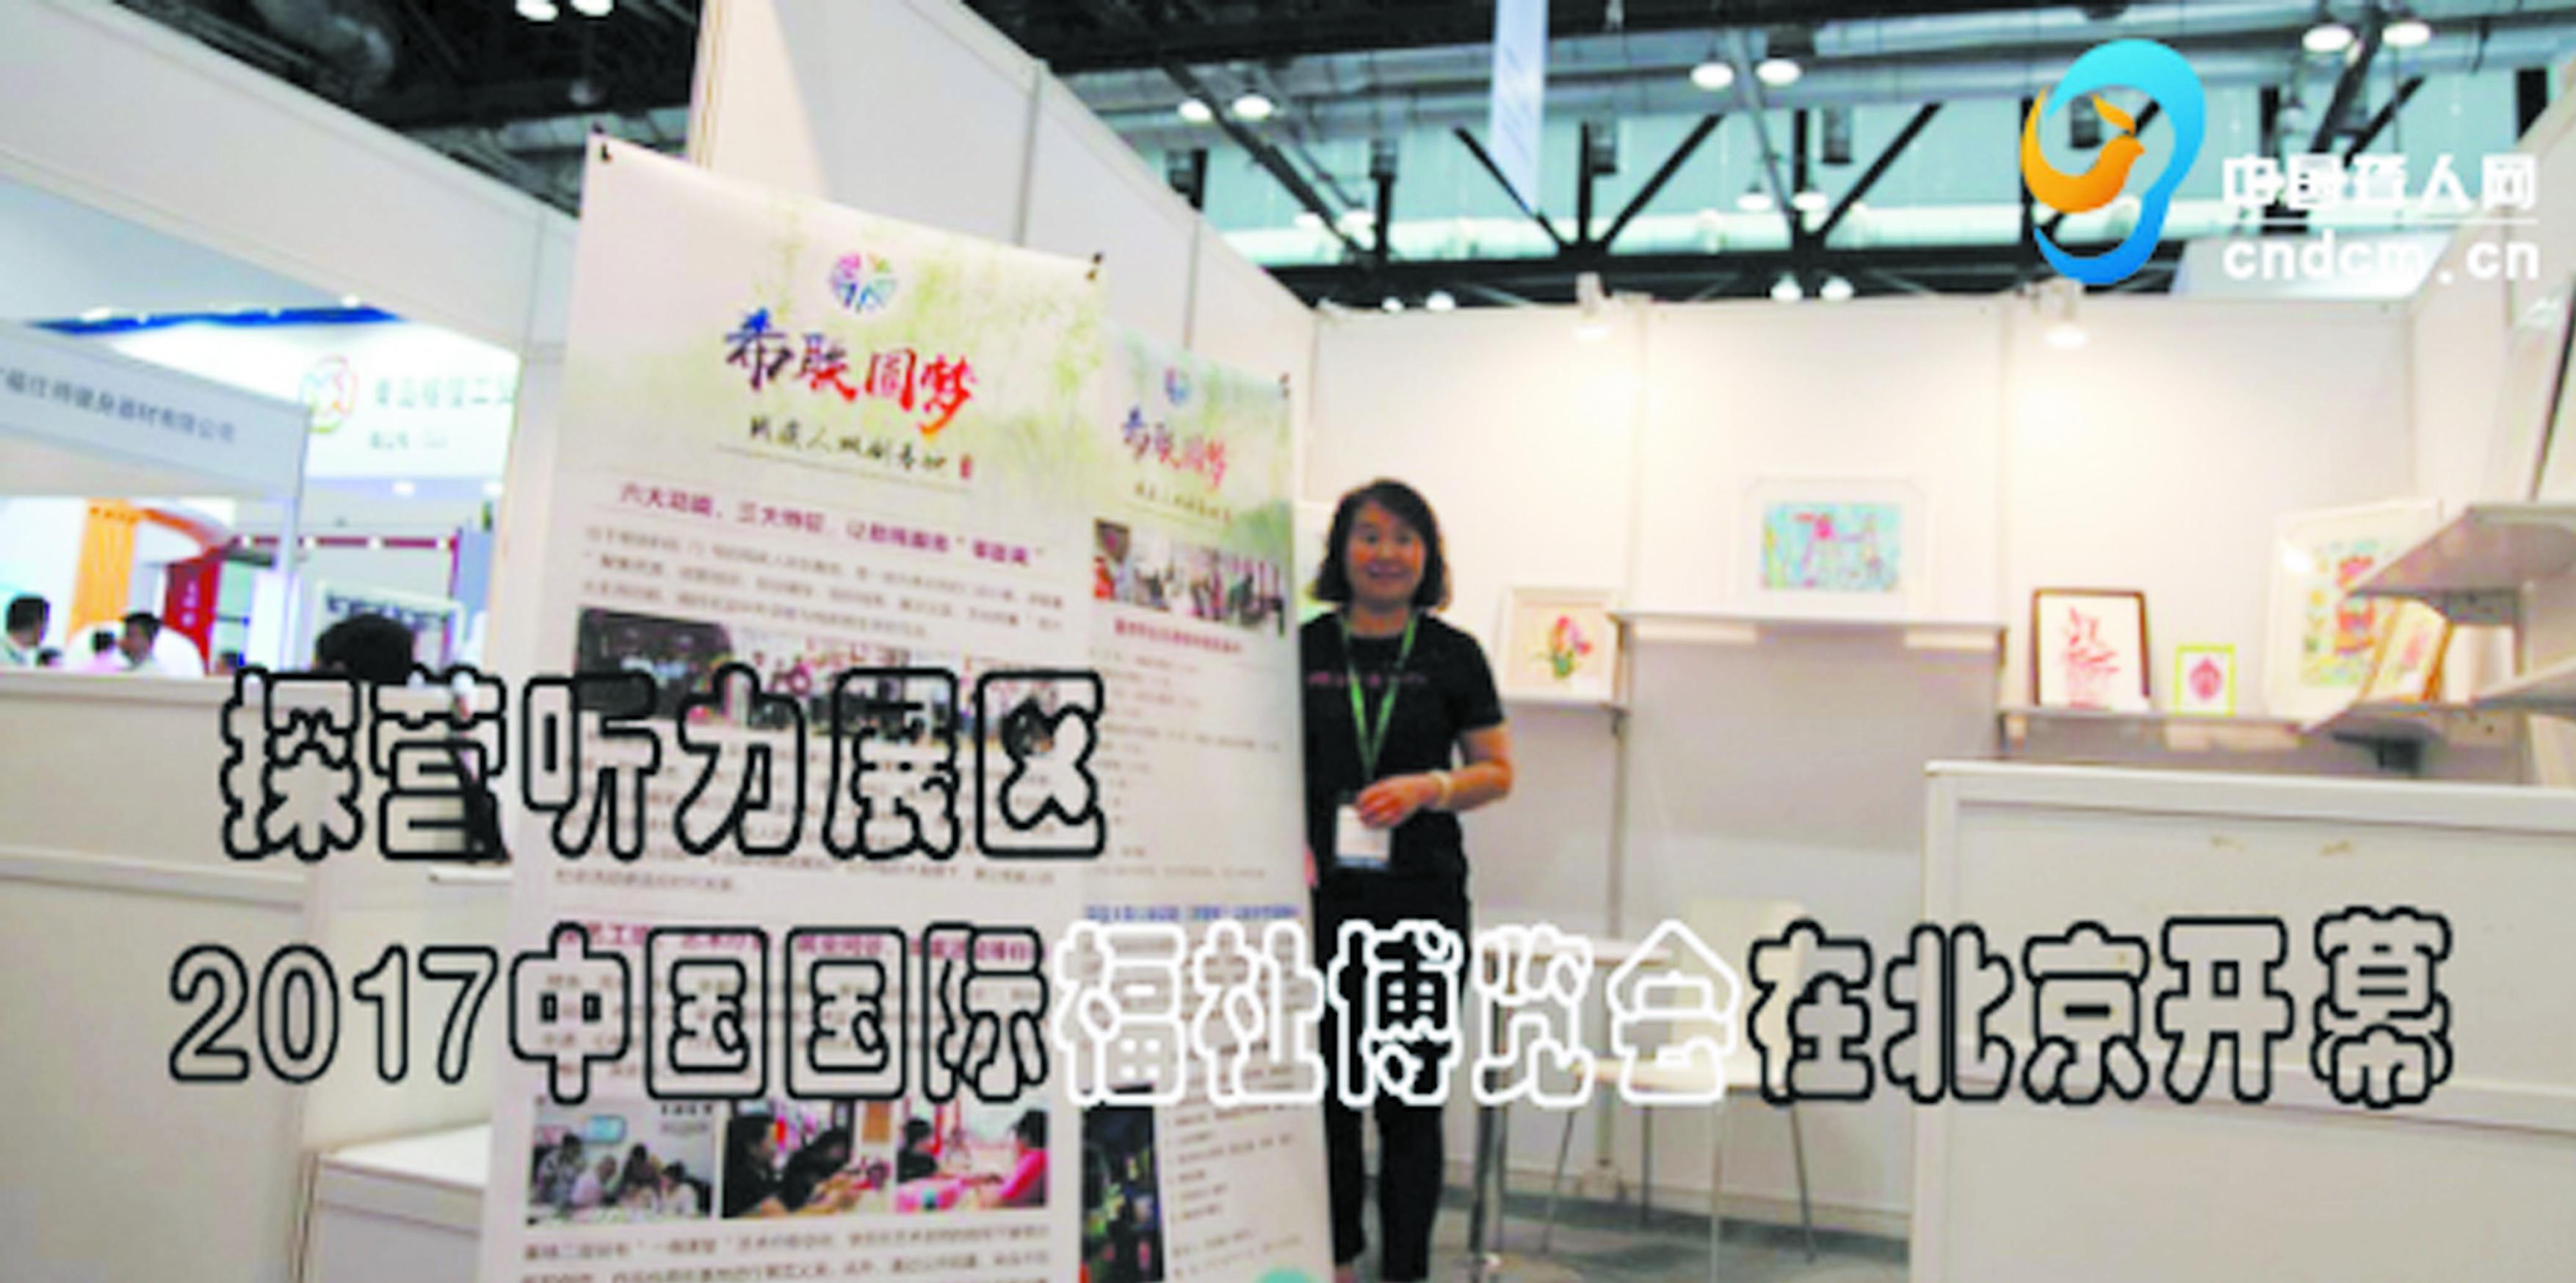 2017中国国际福祉博览会在北京开幕:探营听力展区